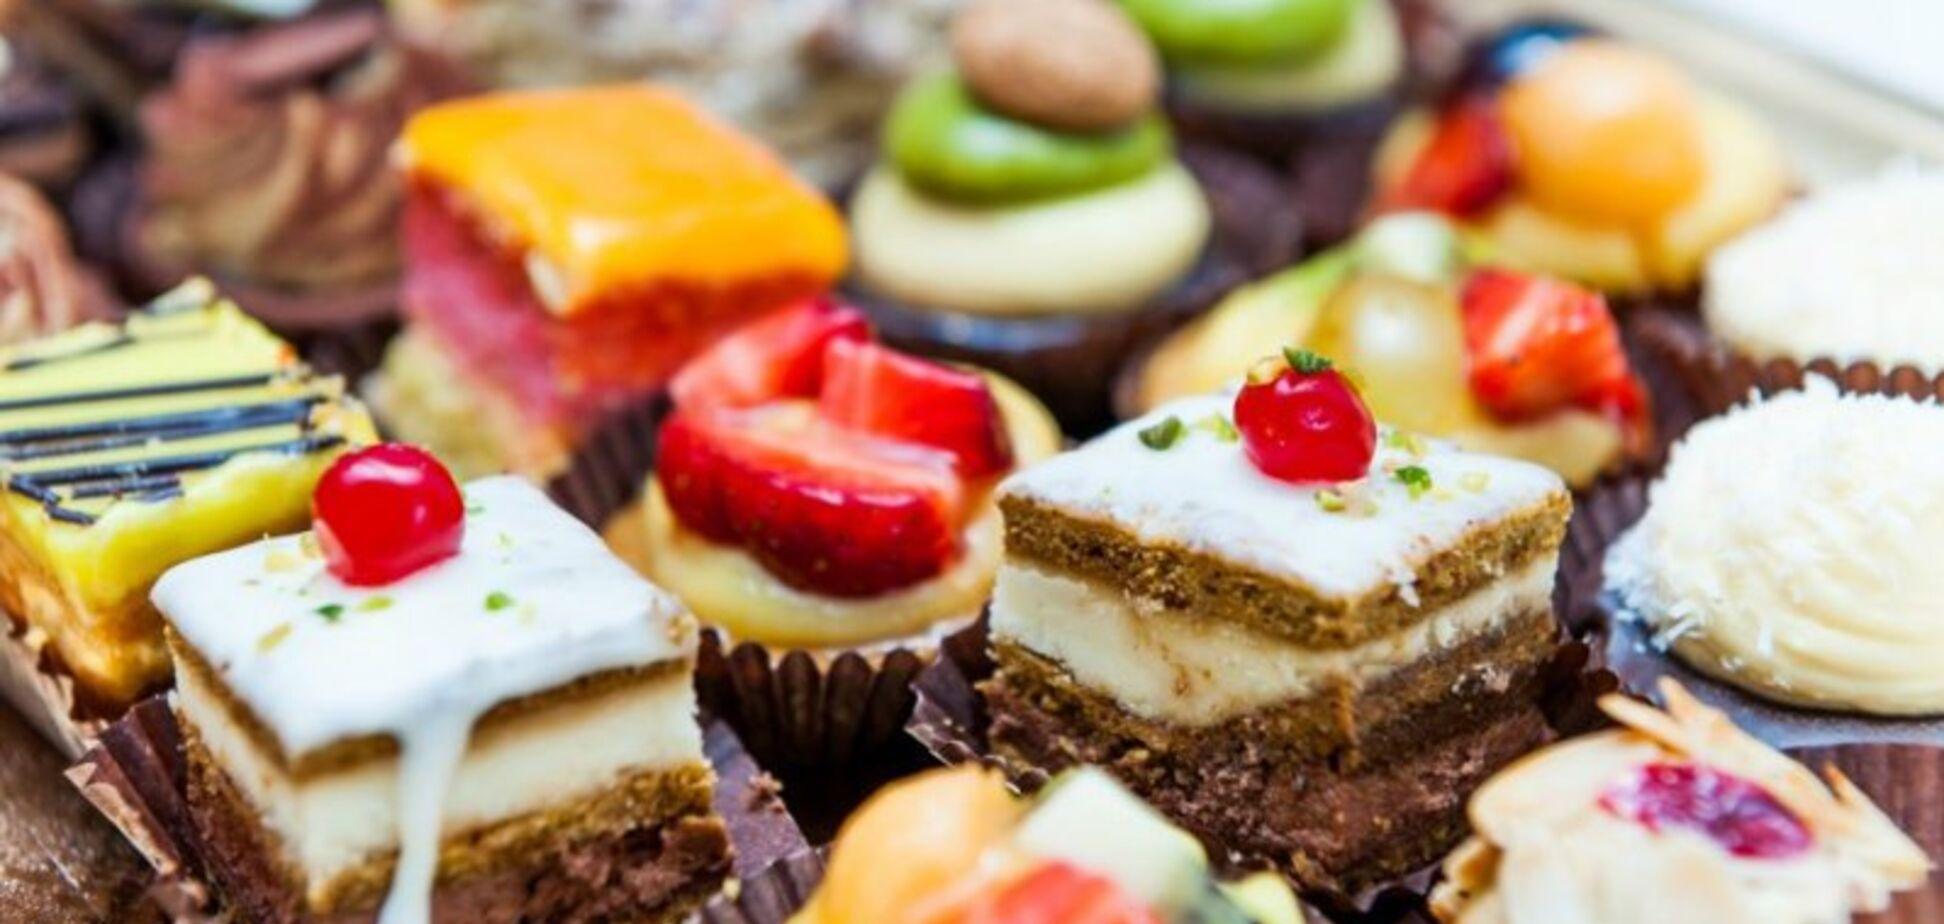 Вызывают рак и диабет: названа неожиданная опасность популярных сладостей